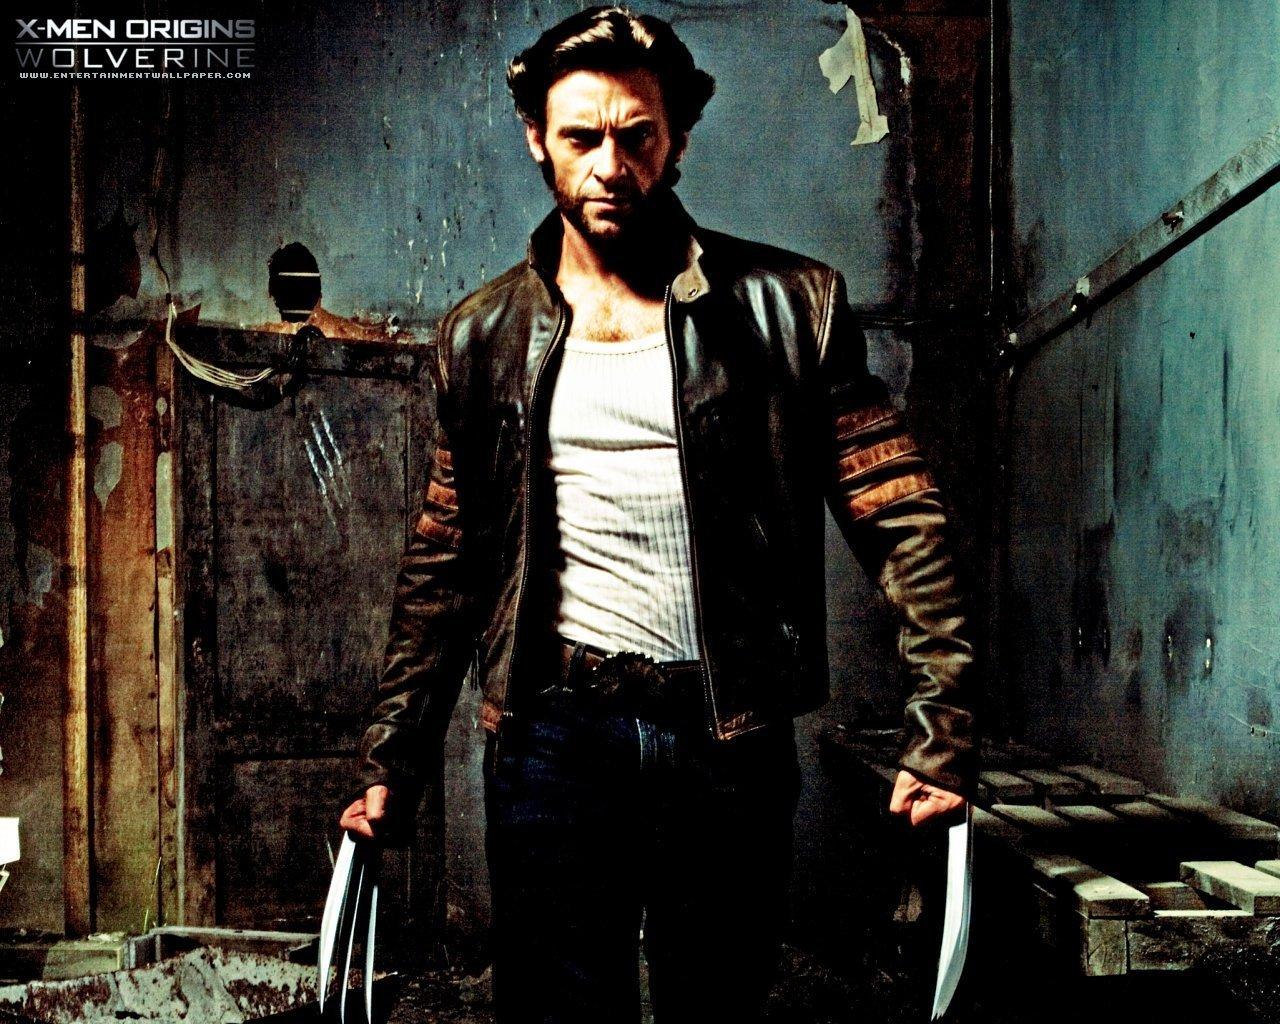 X Men Origins Wolverine achtergrond   Upcoming films achtergrond 1280x1024